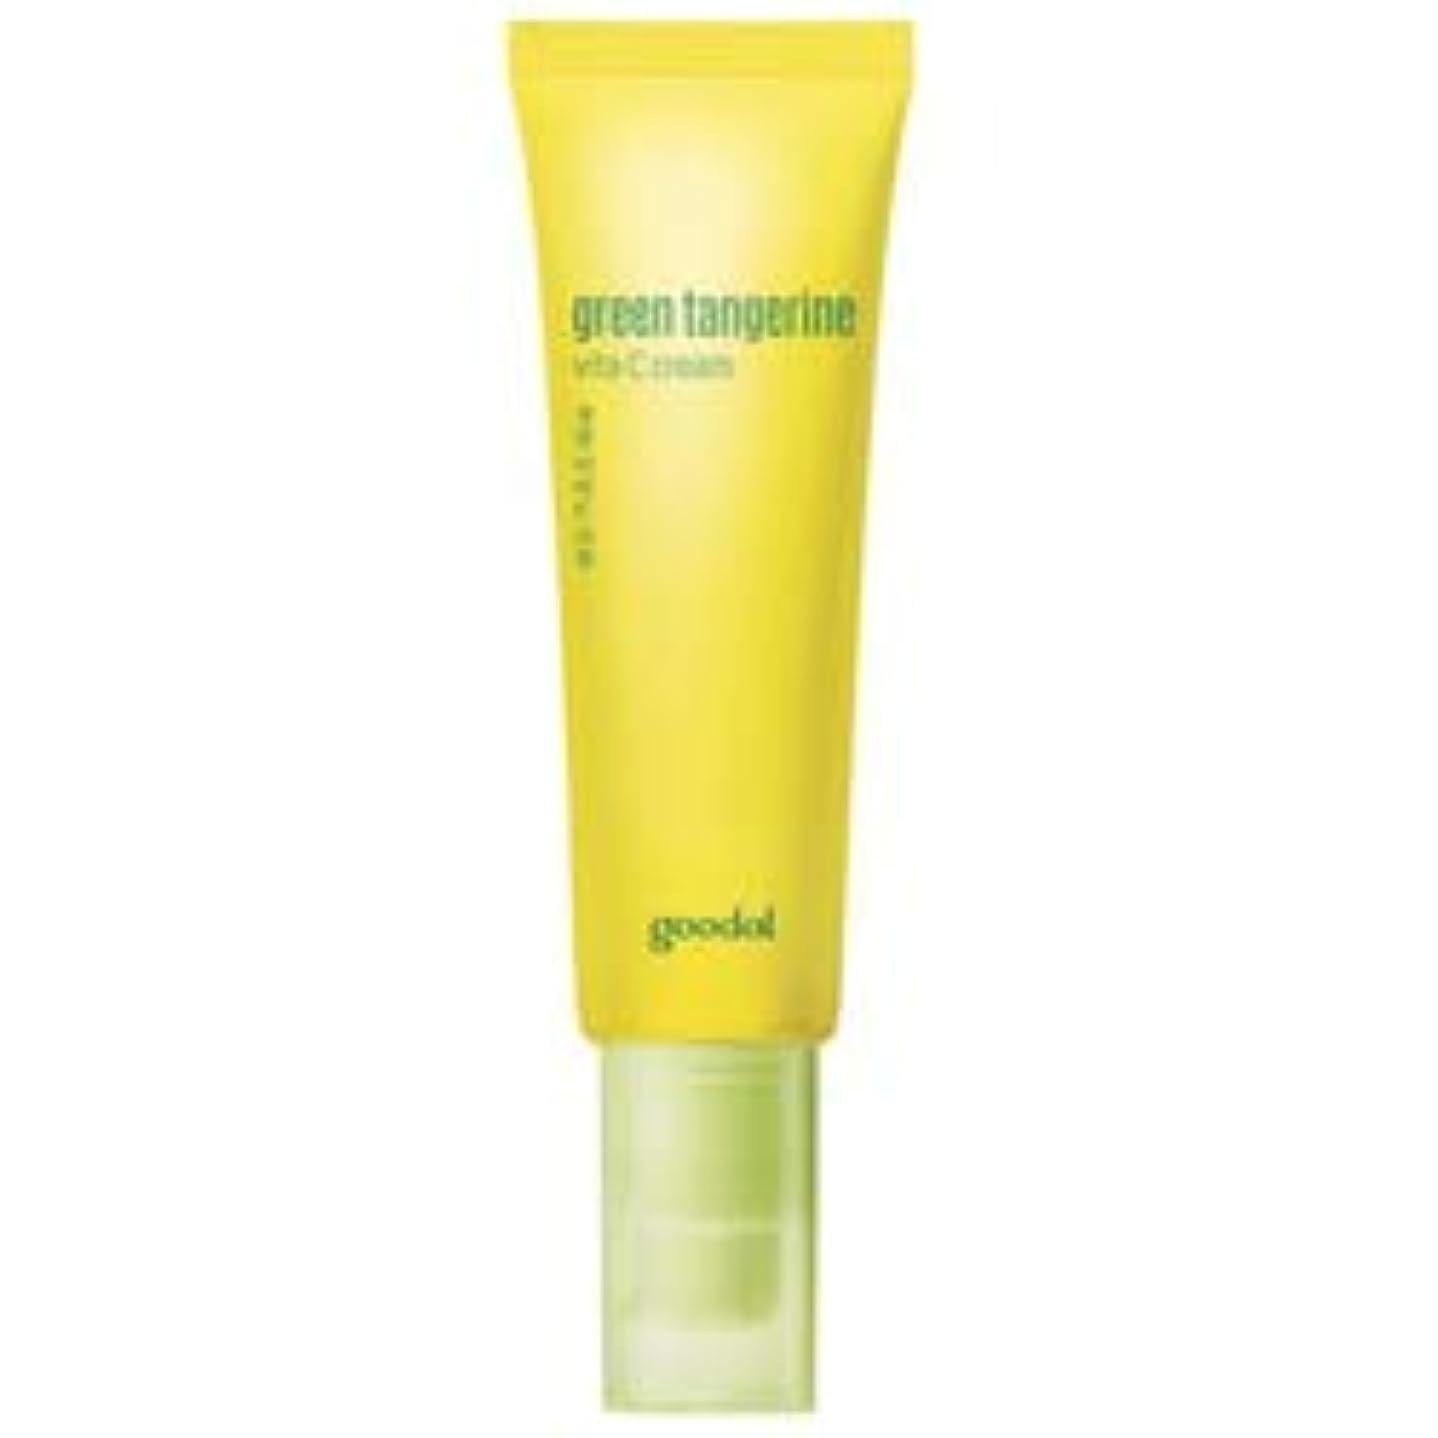 場合明らかに印象的な[goodal] Green Tangerine Vita C cream 50ml / [グーダル]タンジェリン ビタC クリーム 50ml [並行輸入品]